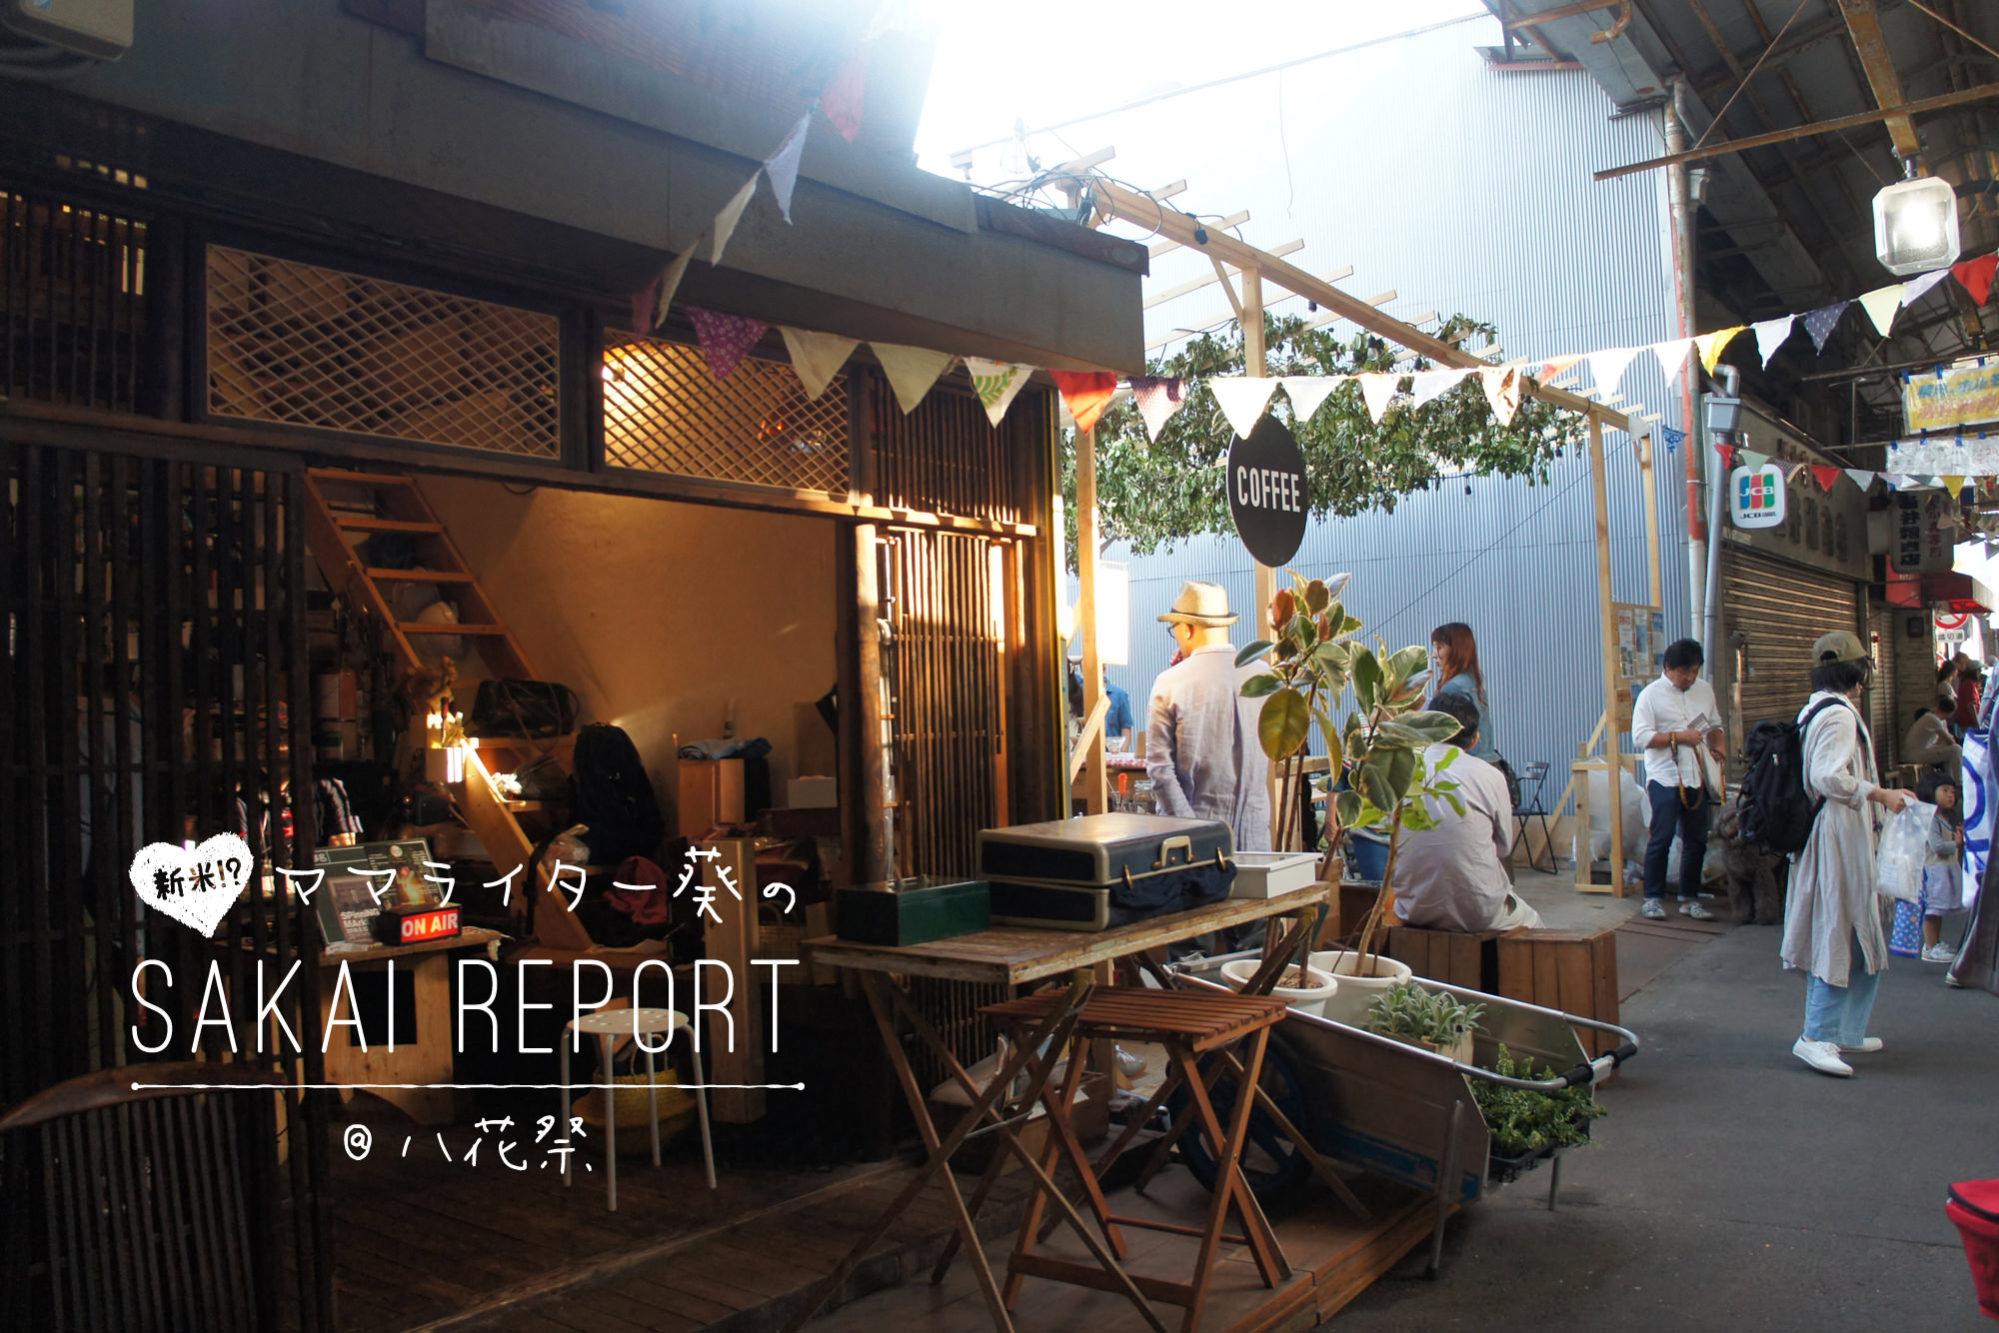 ママライター葵のSAKAI REORT @八花祭2018